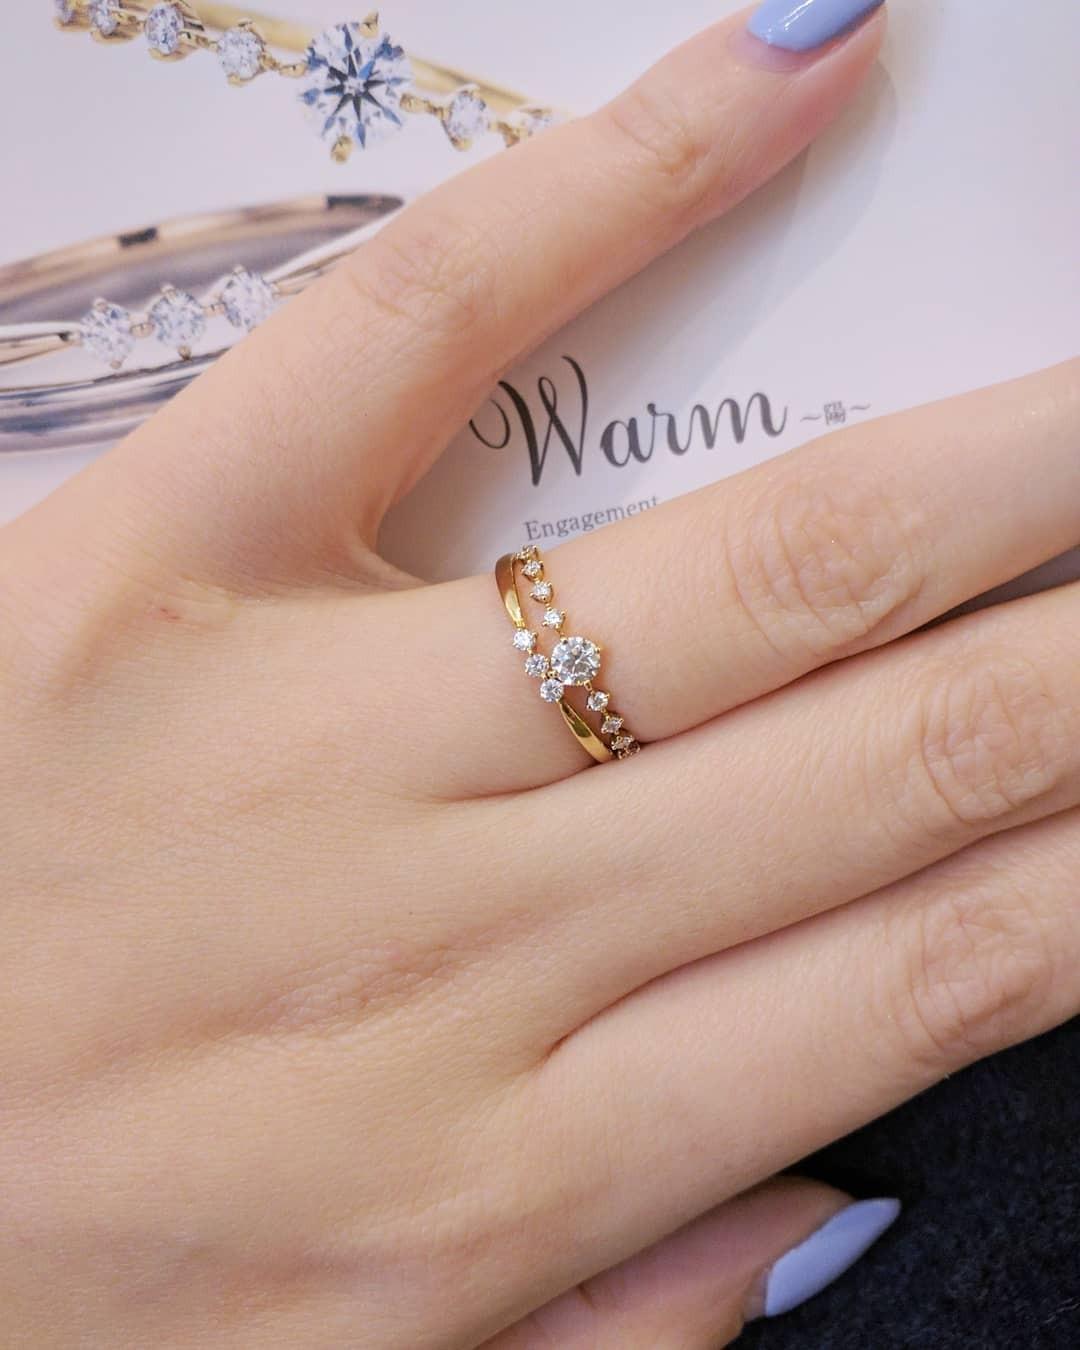 太陽をモチーフとしたアンティーク調が可愛い華奢デザインの婚約指輪と結婚指輪のセットリング陽